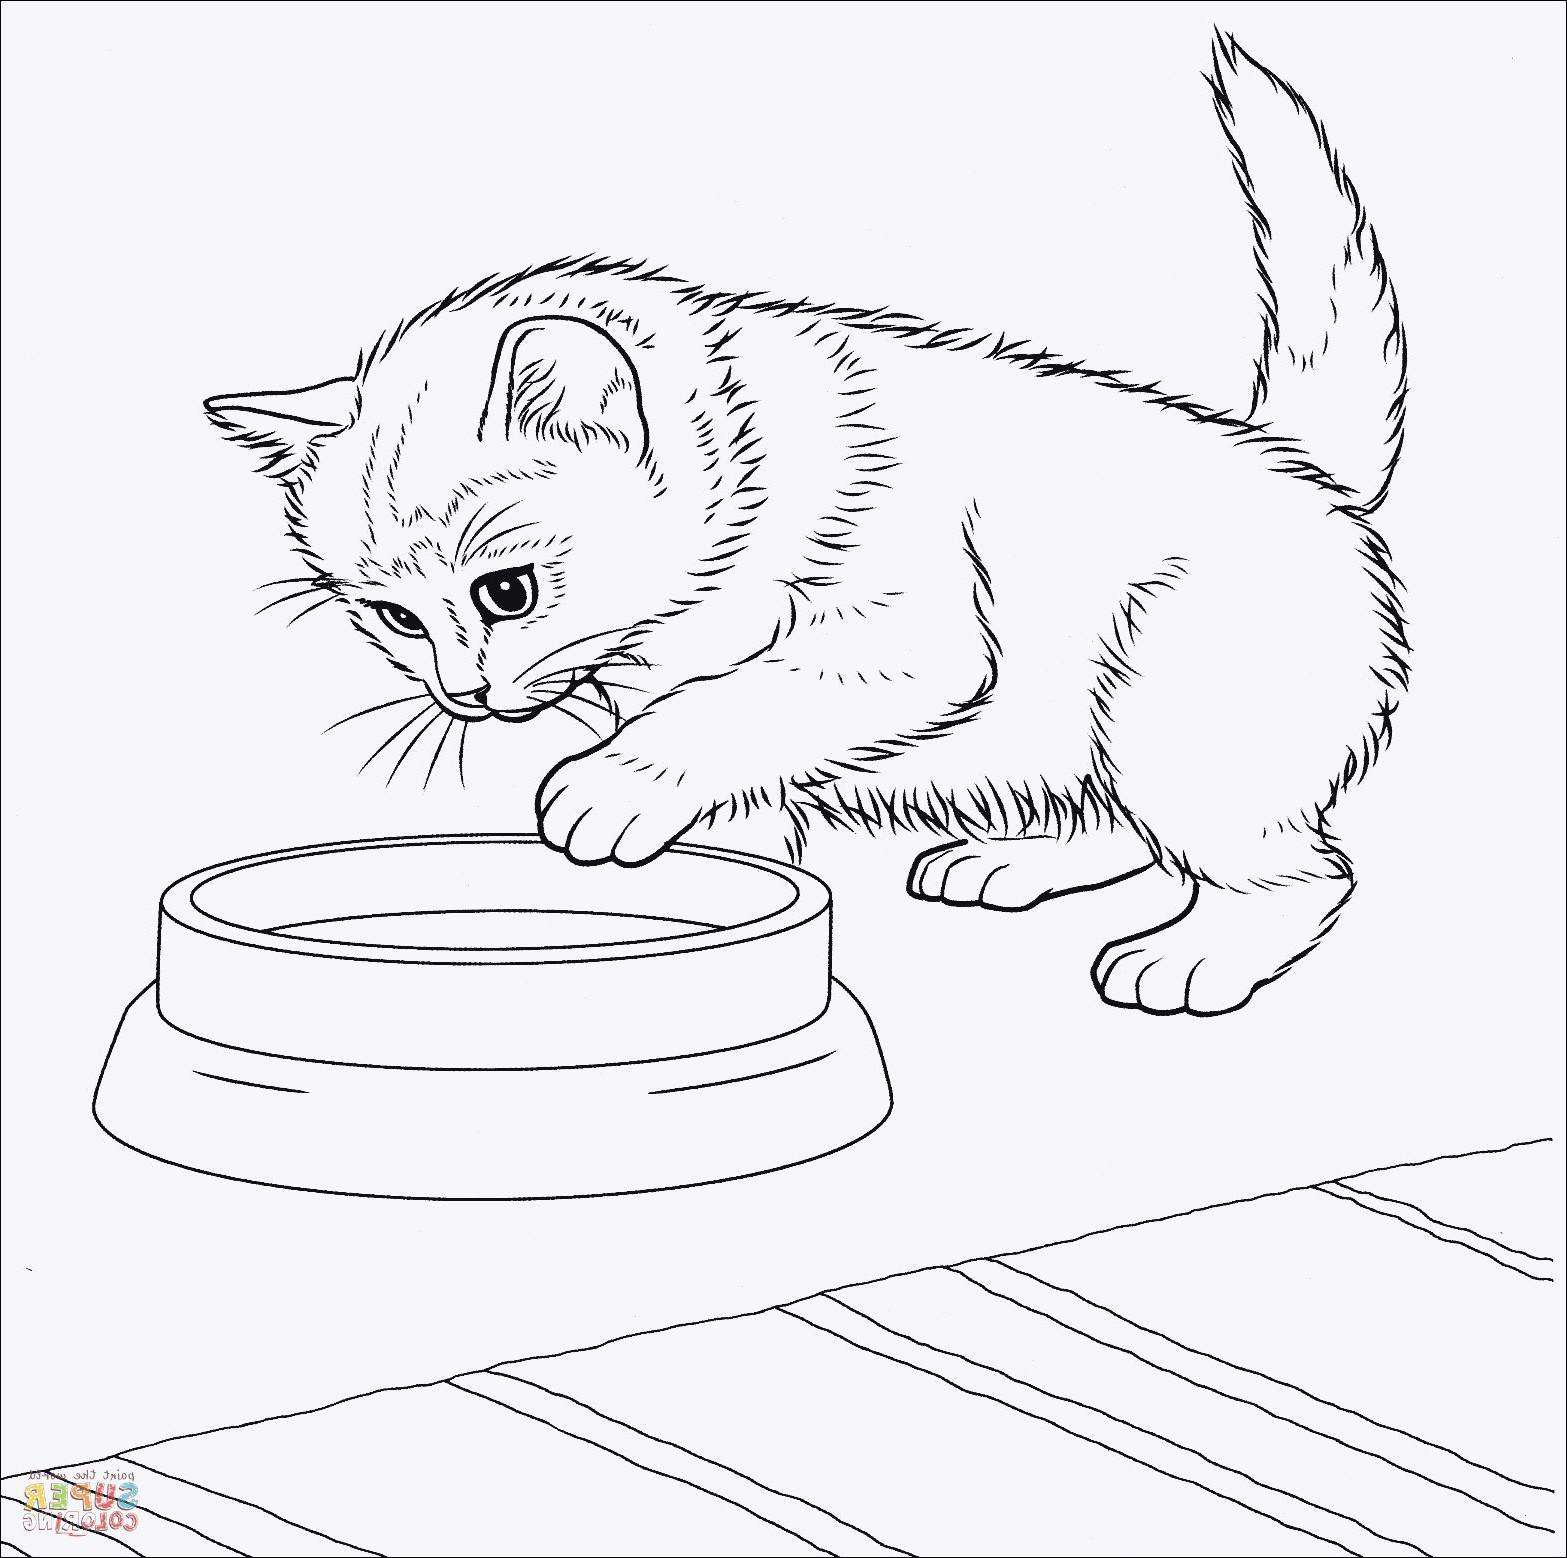 Ausmalbilder Hunde Und Katzen Das Beste Von 27 Neu Katzen Ausmalbilder – Malvorlagen Ideen Das Bild